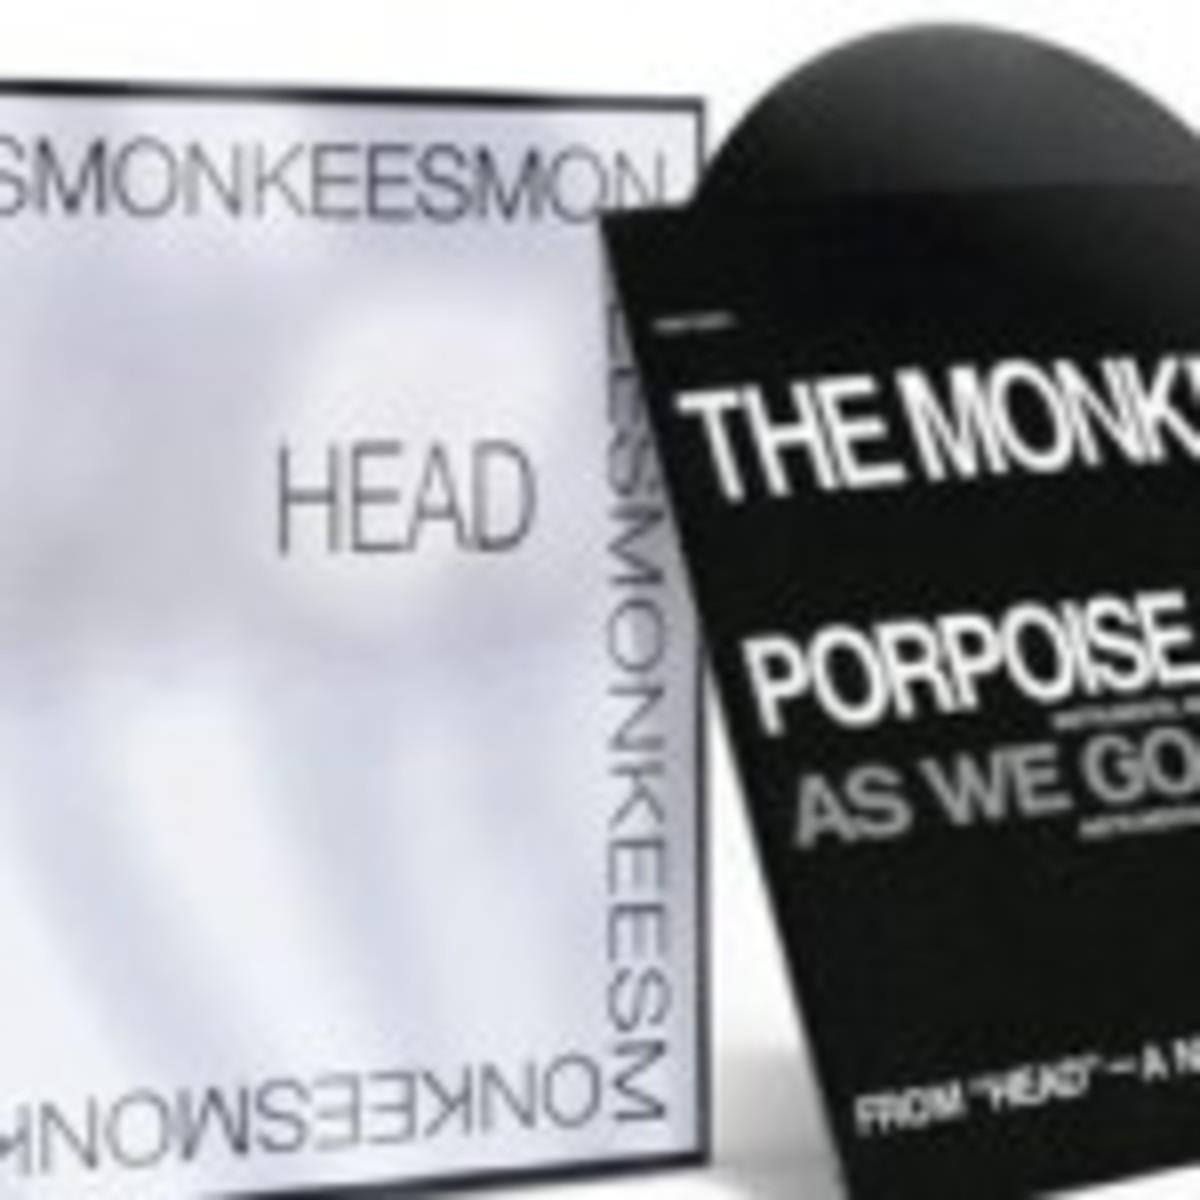 Monkees_Head